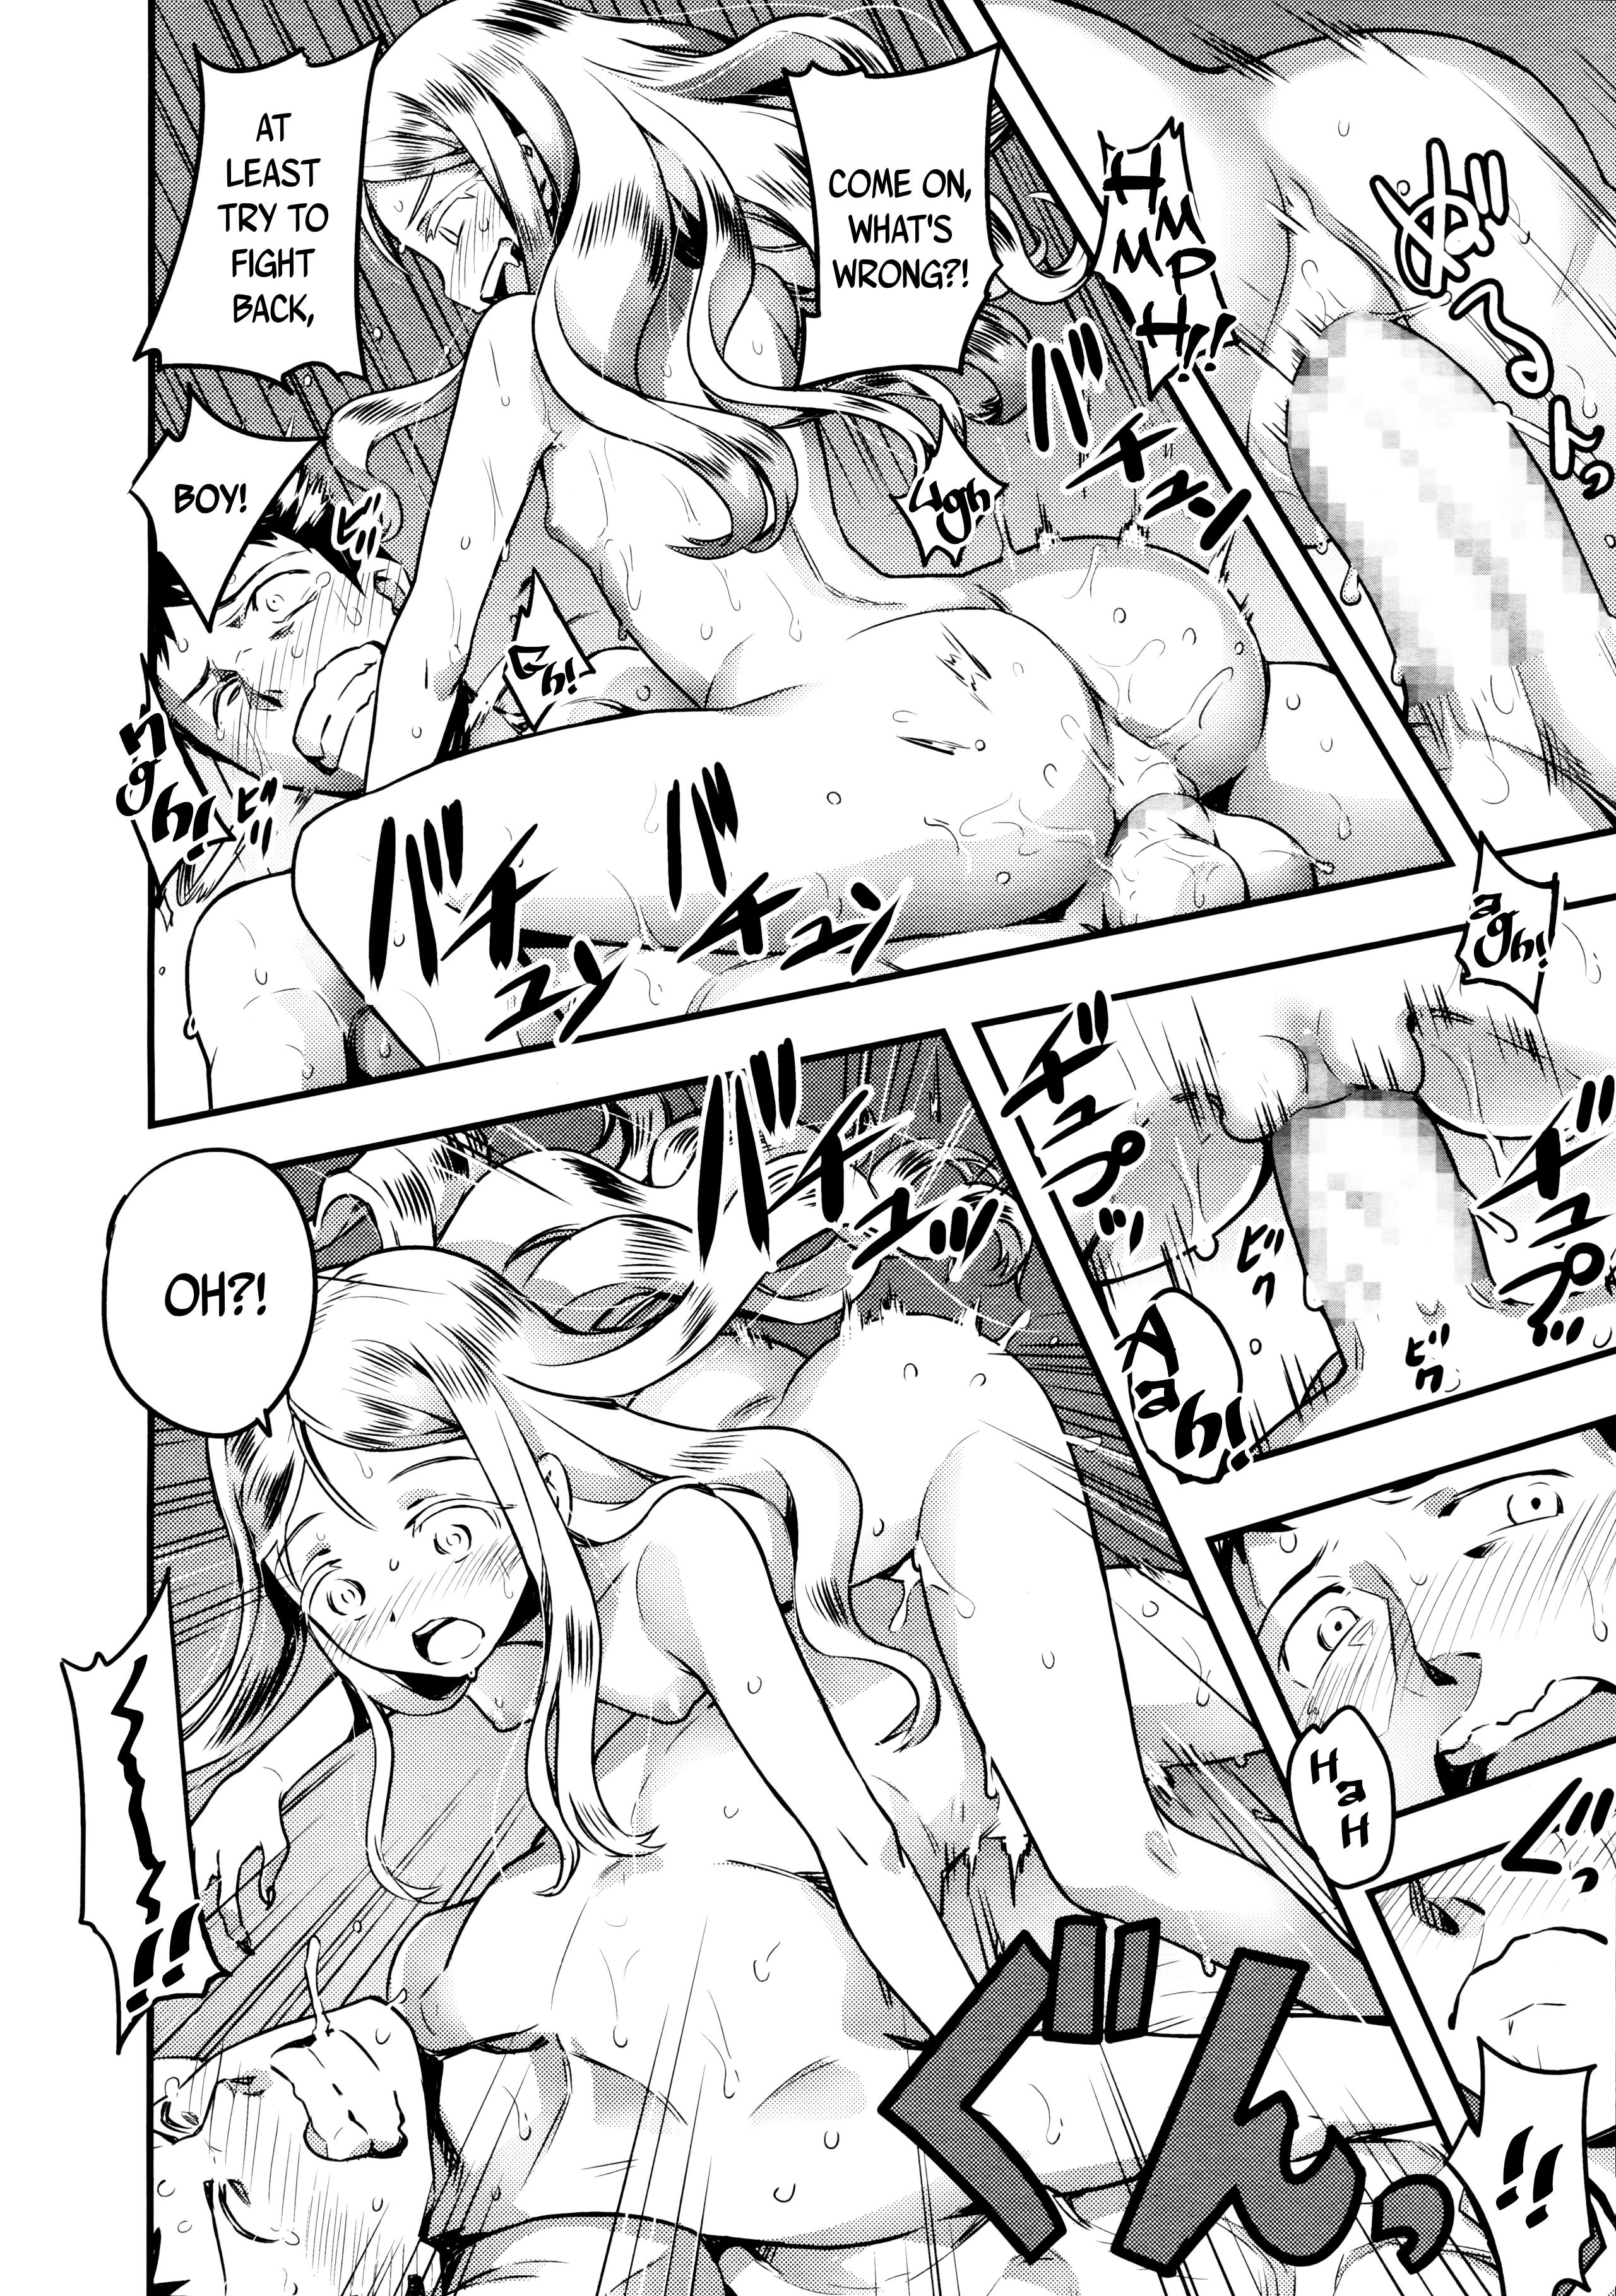 Yupiel-sama no Geboku | Lady Yupiel's Servant 31